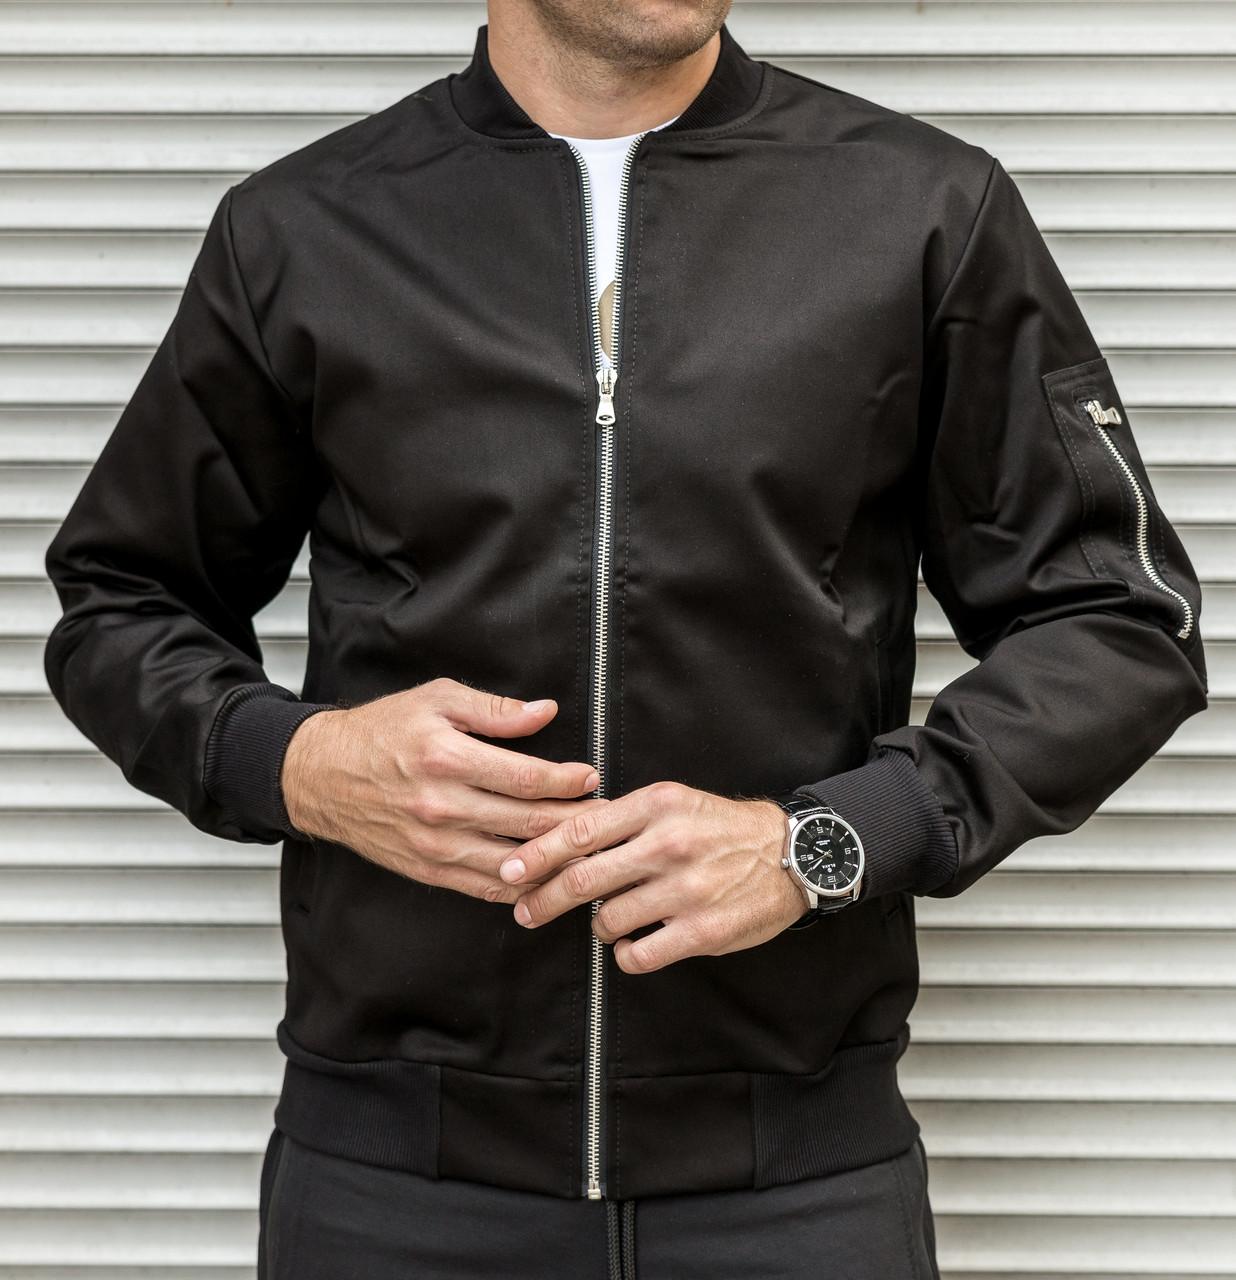 82cb368209b7 Куртка мужская из плотной ткани / ветровка / бомбер черный: продажа ...